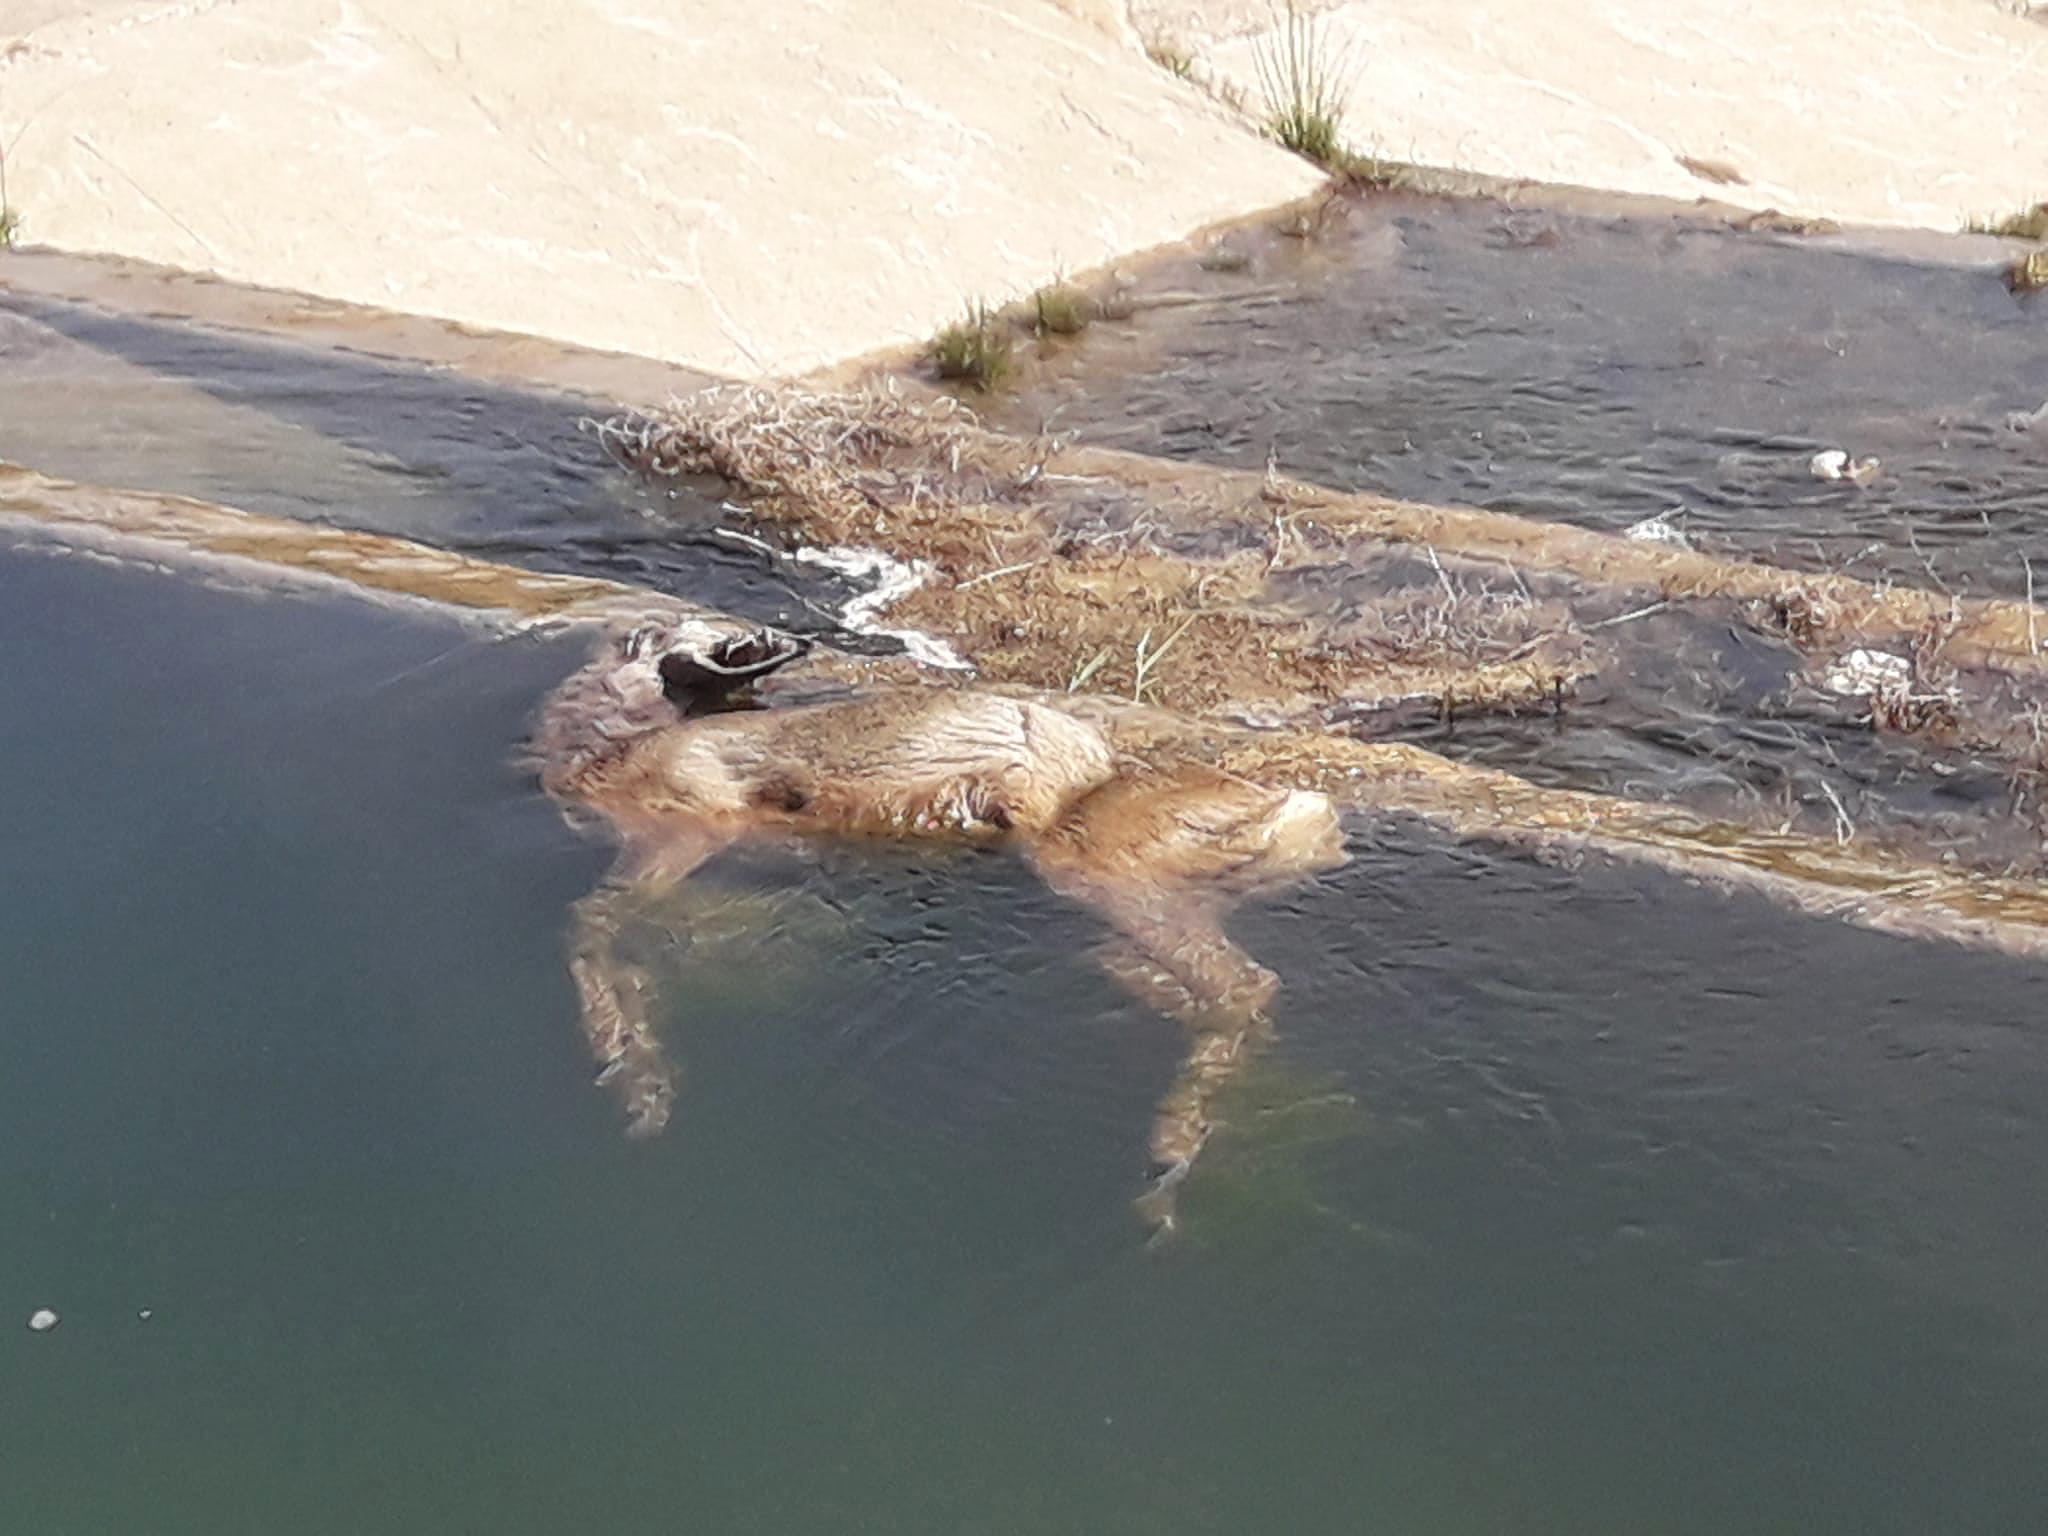 Un ejemplar dentro del agua. Imagen: Apamcv